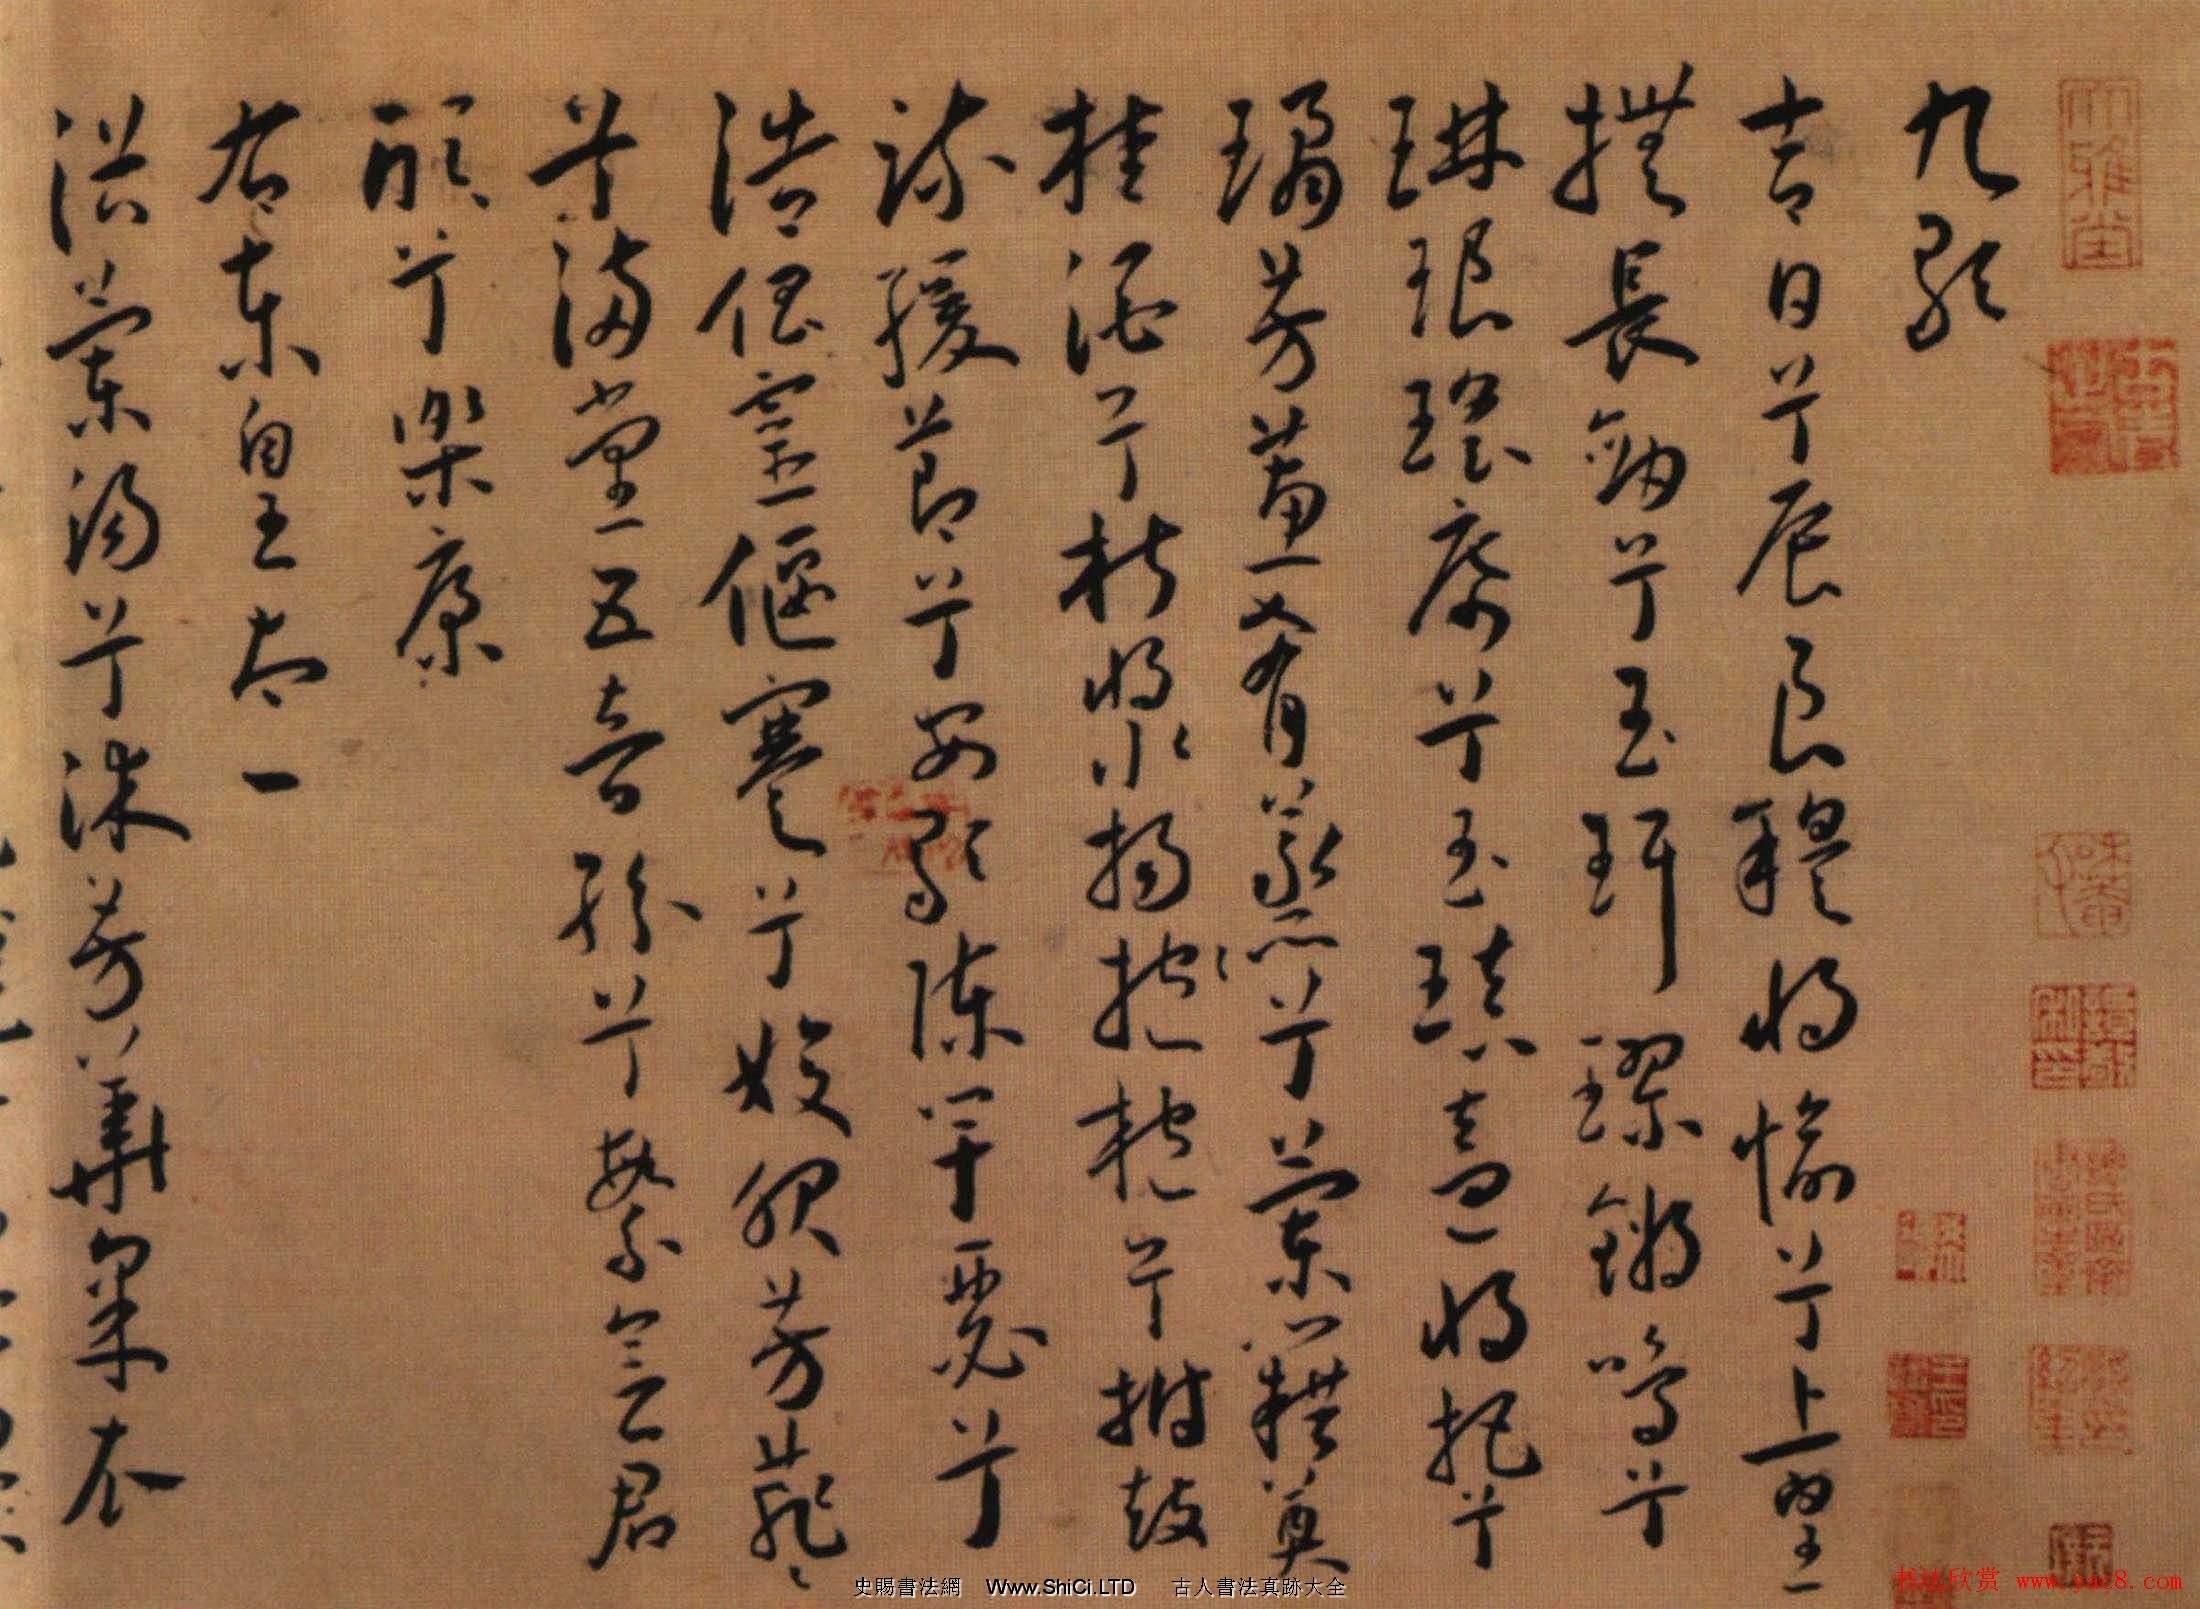 吳中三家之一王寵行草書法作品真跡欣賞《九歌》(共12張圖片)